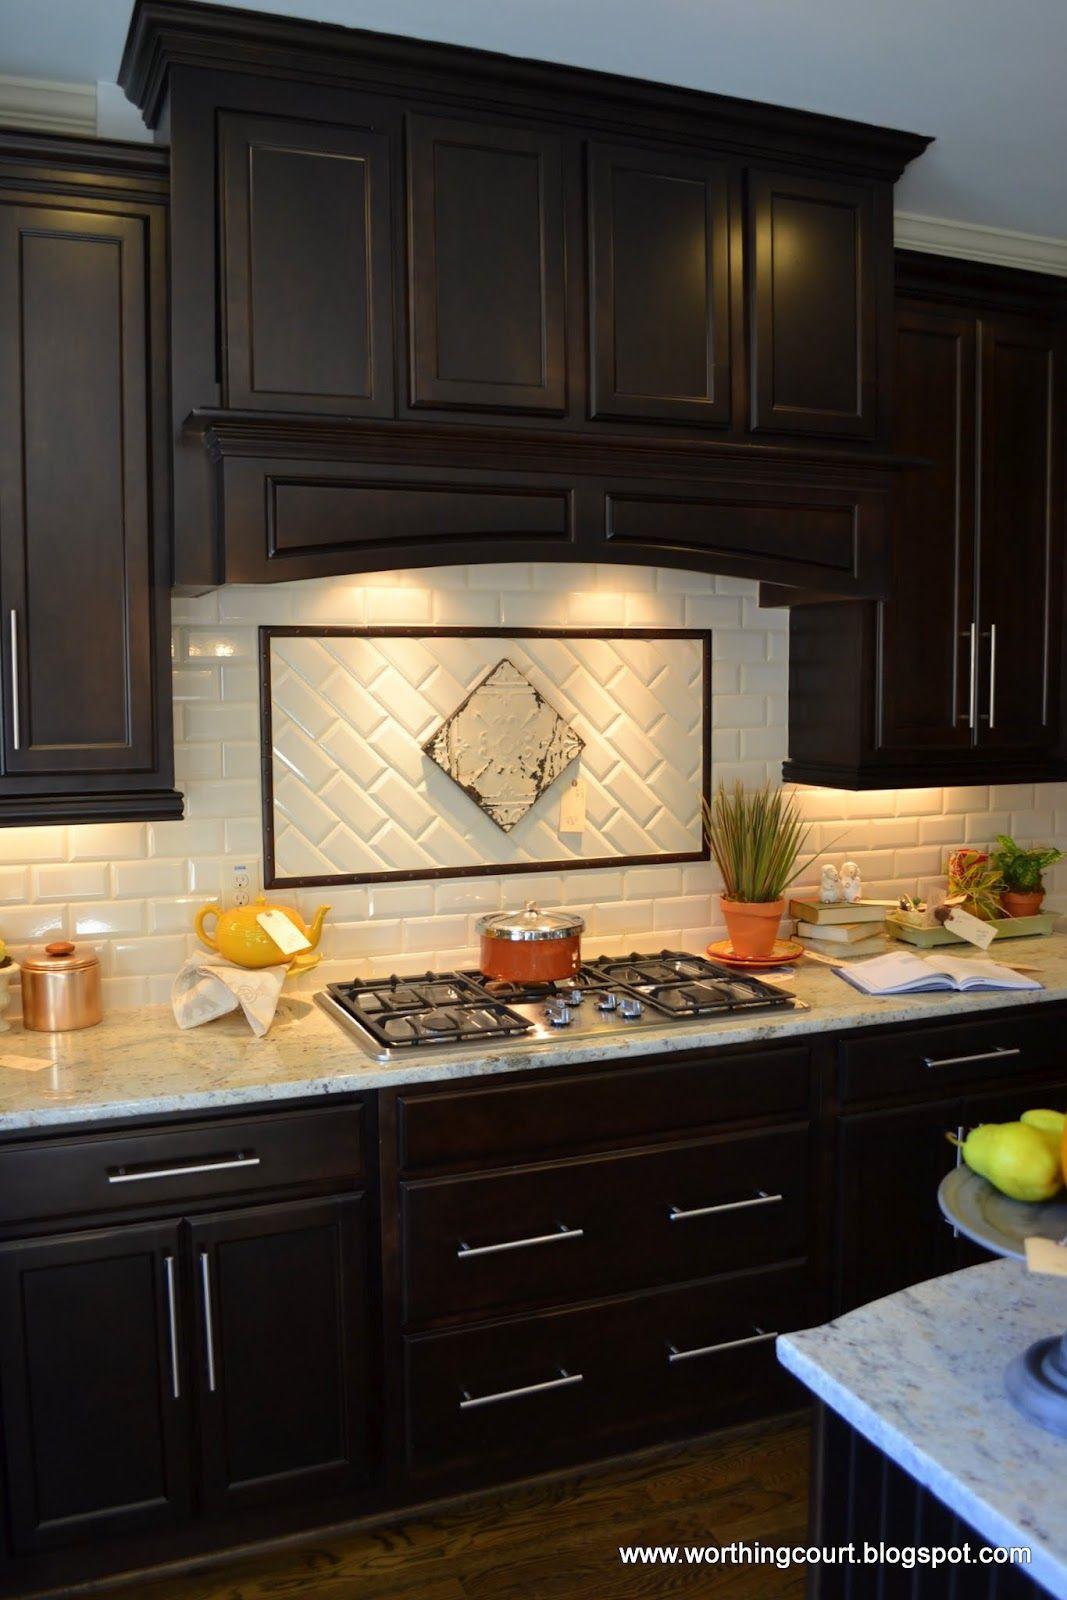 Dark kitchen cabinets backsplash ideas | Hawk Haven